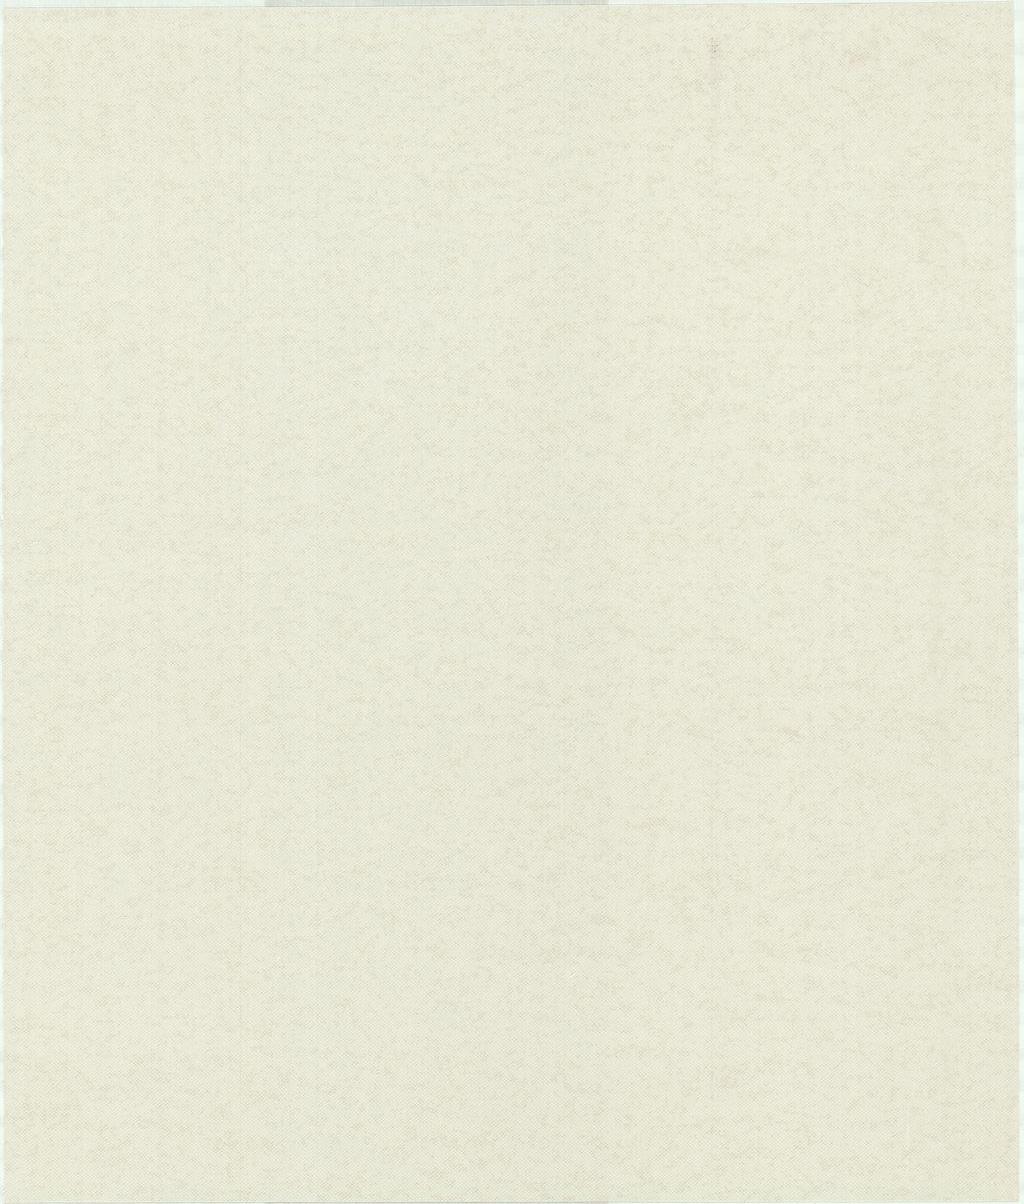 Итальянские обои Estro,  коллекция Elegance, артикулB1120201